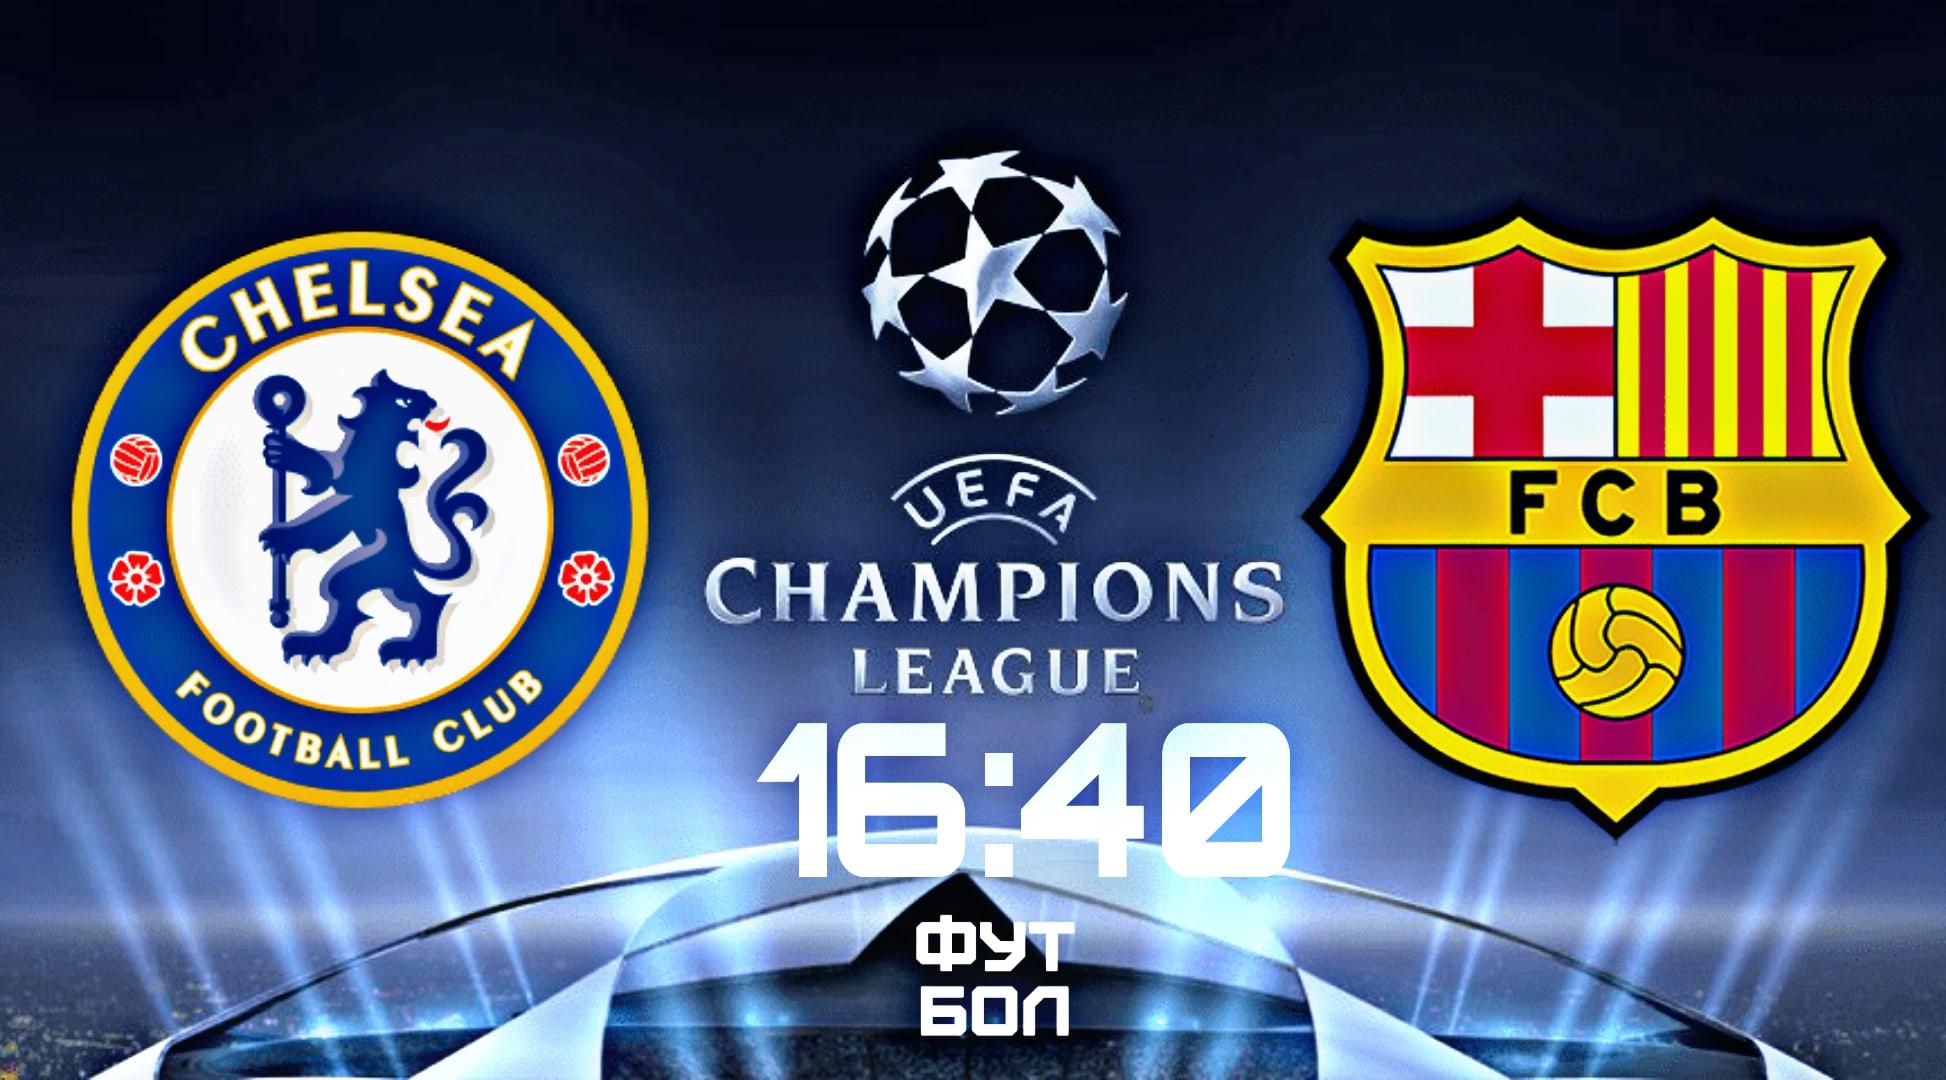 «Барселона» с Эвребе против «Челси». Посмотри сегодня один из самых скандальных матчей в истории Лиги Чемпионов | фото № 3